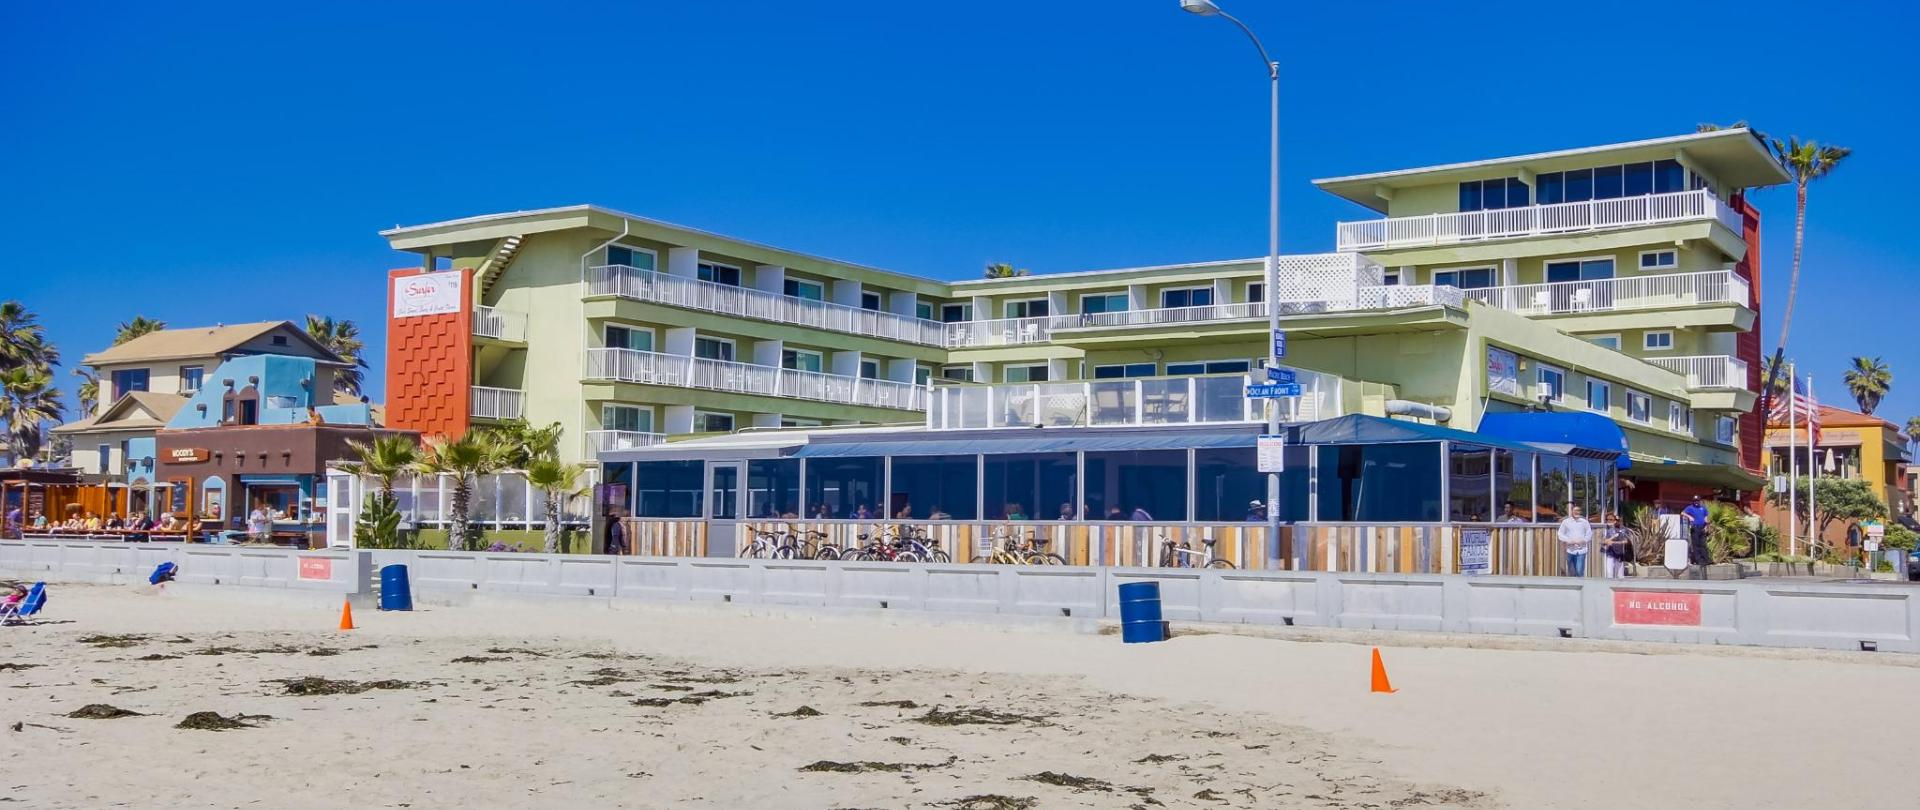 Surfer beach hotel san diego